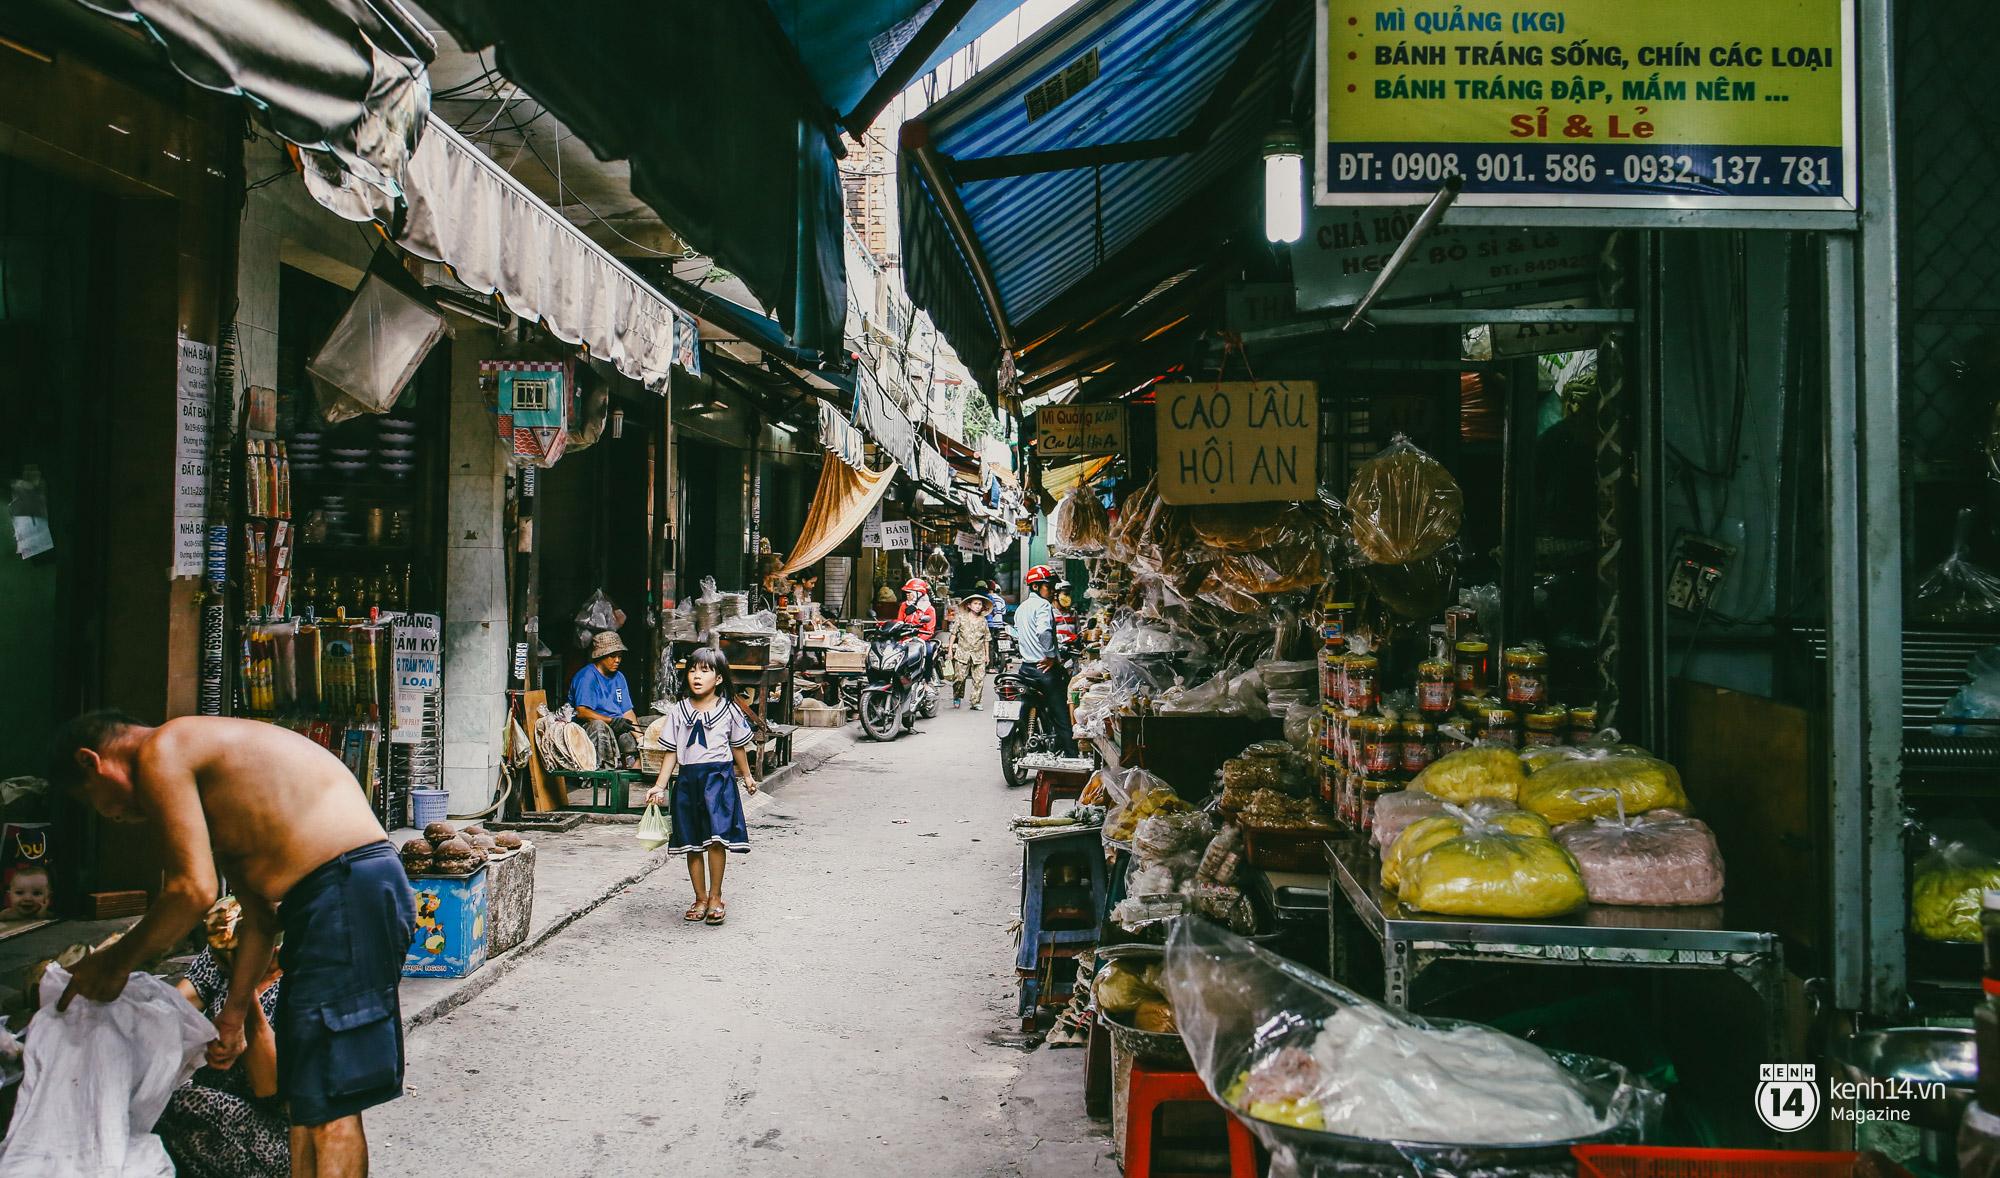 Người miền Trung ở Sài Gòn, nhớ quê thì tới chợ Bà Hoa để nghe những chi, mô, rứa, hè thật thân thương... - Ảnh 7.